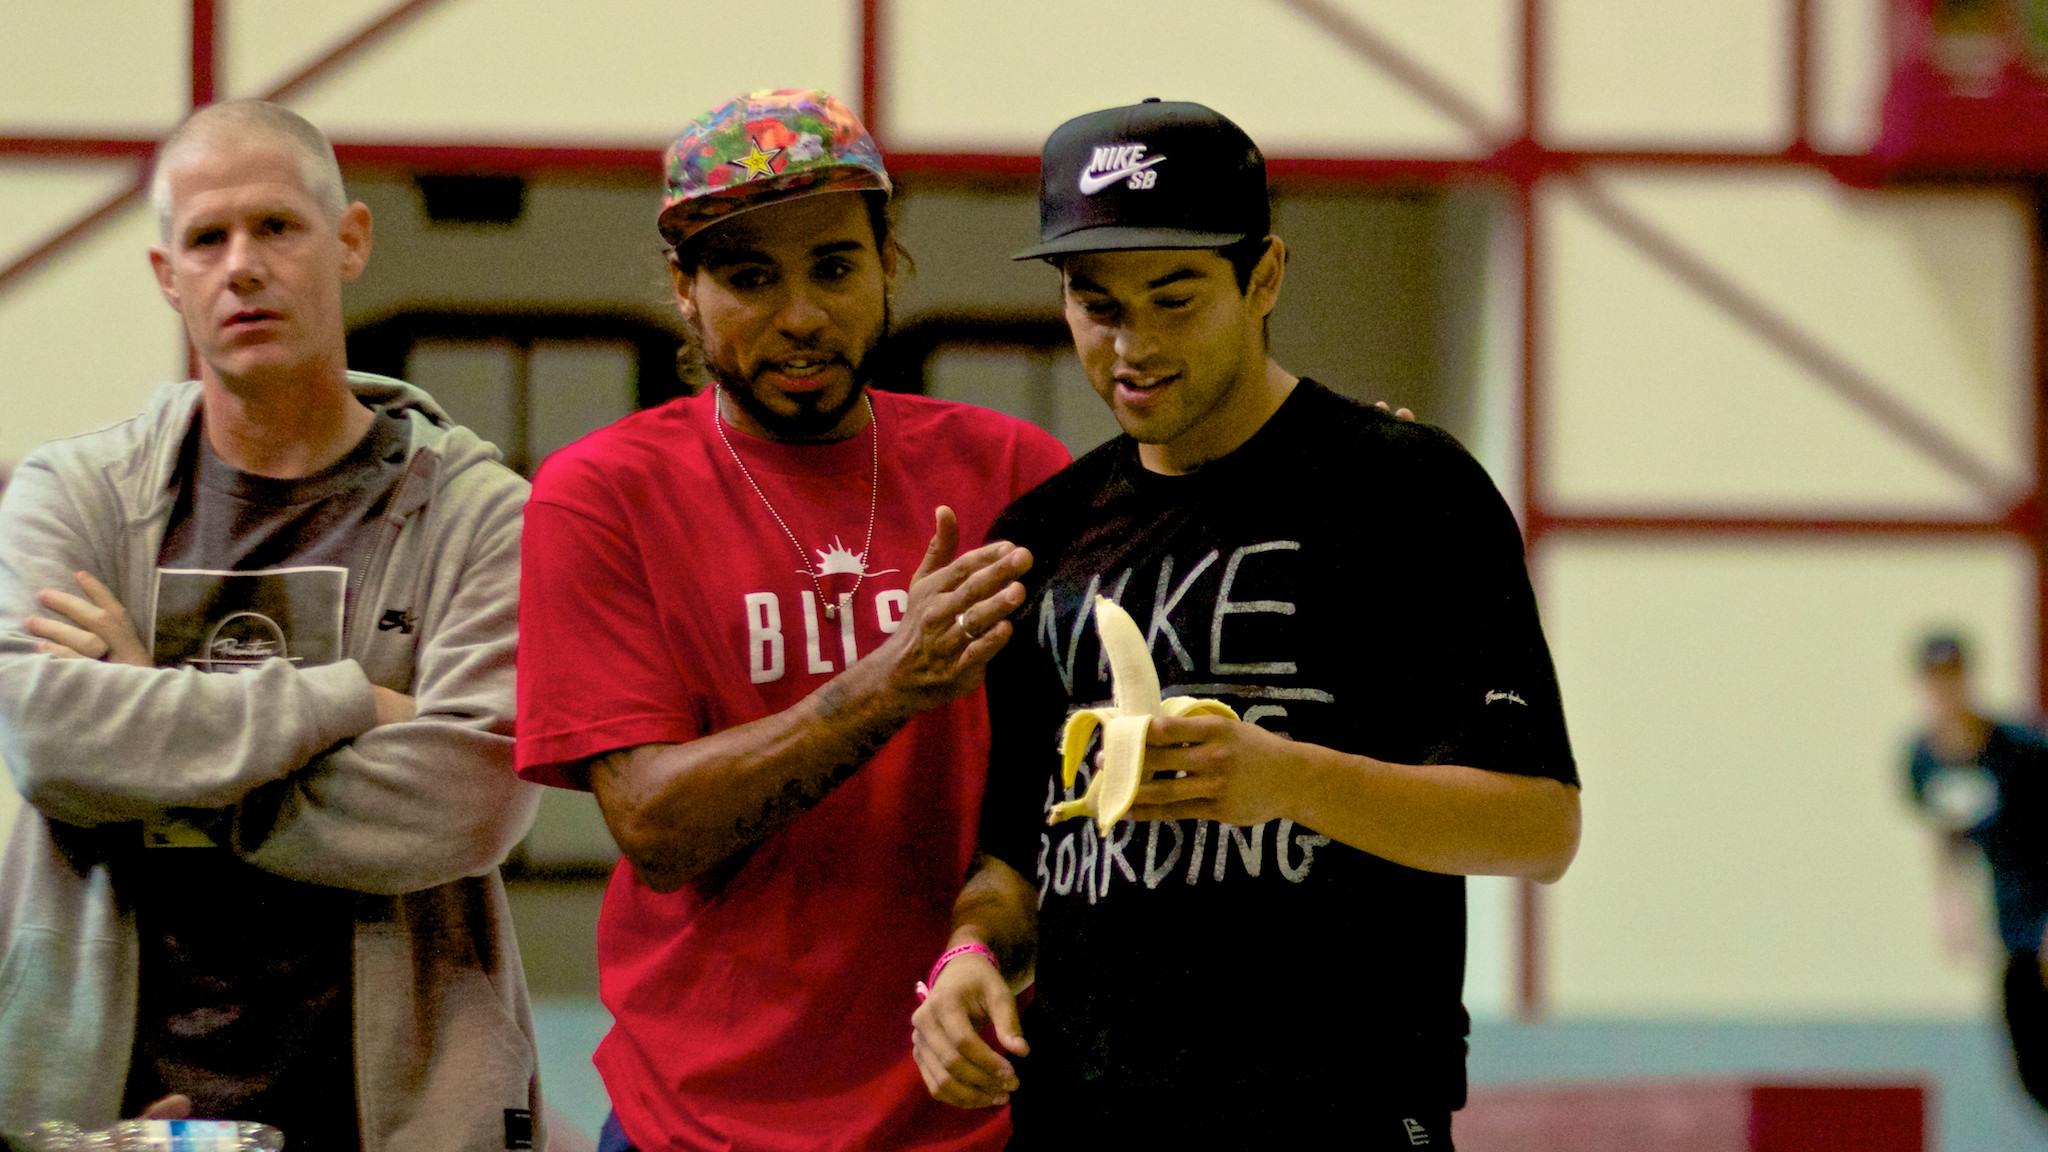 Manny e Paul